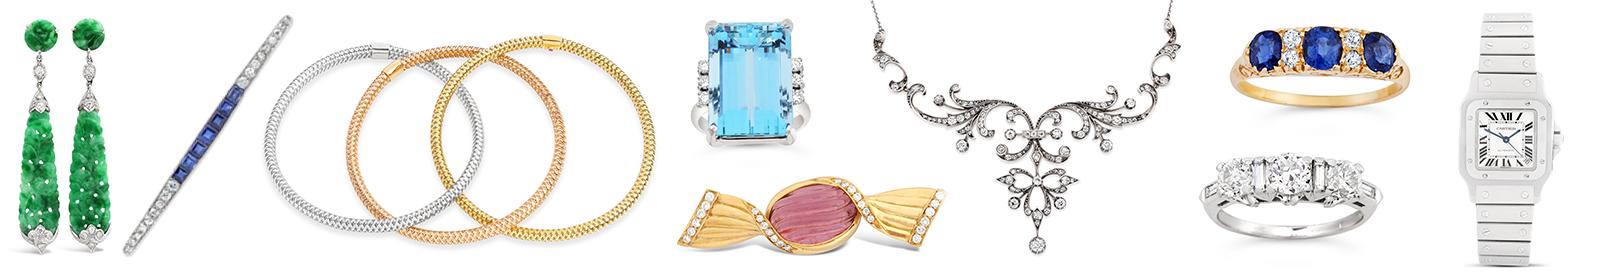 Boutique Jewels Auction